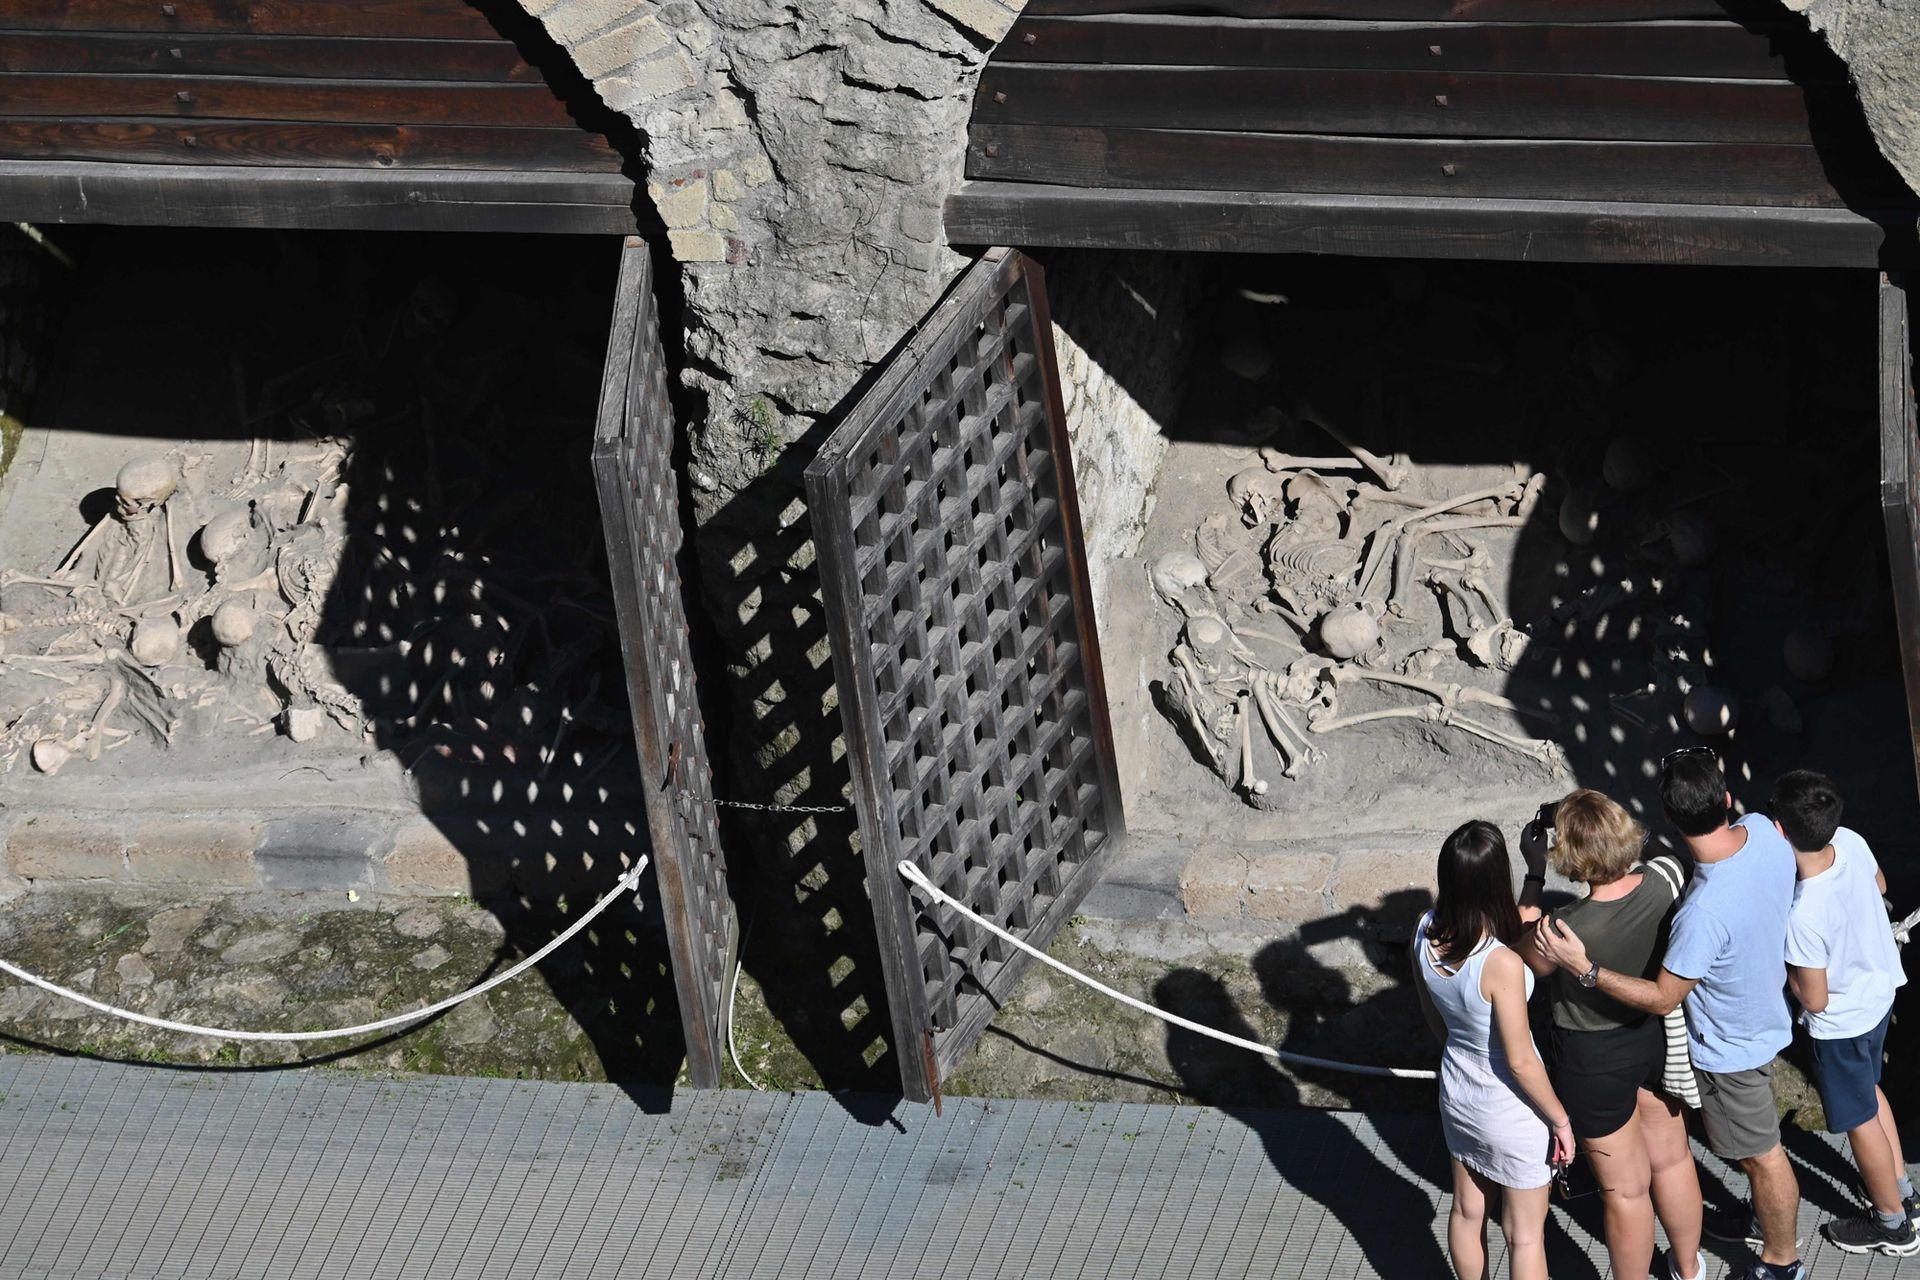 Durante la erupción, la gran mayoría de sus habitantes logró huir, aunque en 1980 se encontraron 400 esqueletos bien conservados